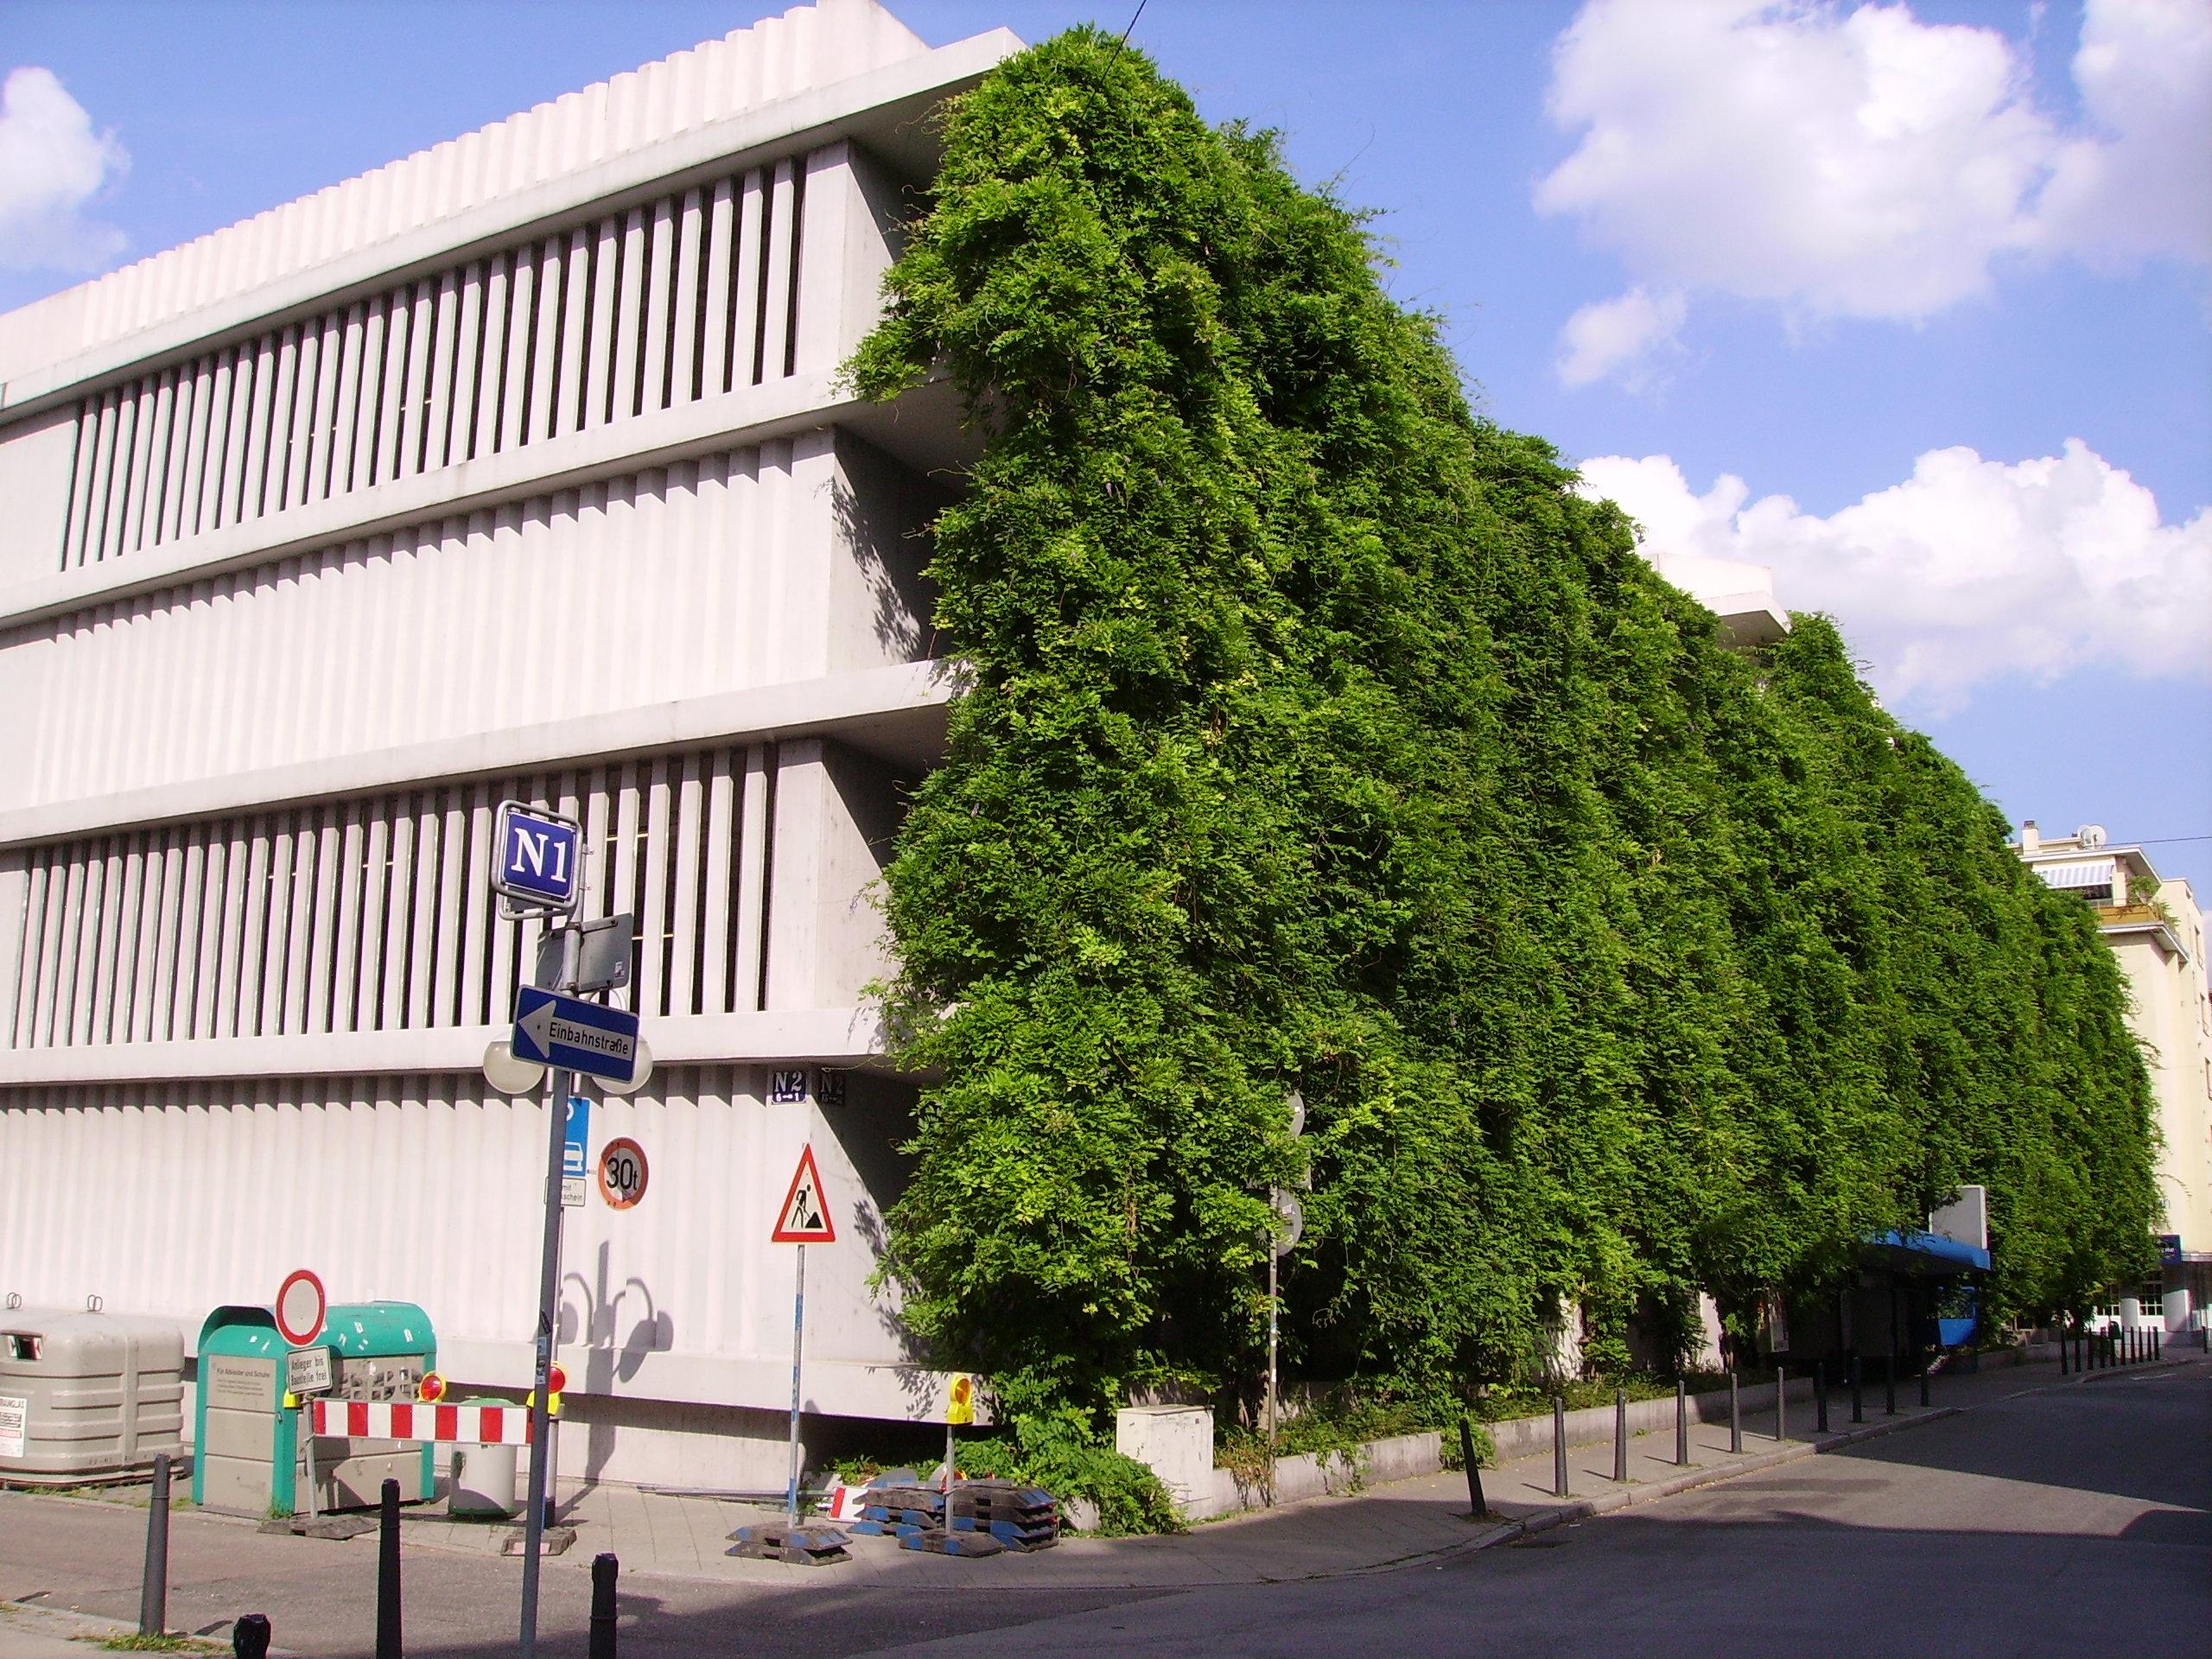 Ein Beispiel für eine komplette Fassadenbegrünung: Die Fassade des Parkhaus N2 in Mannheim (Bild: Immanuel Giel)